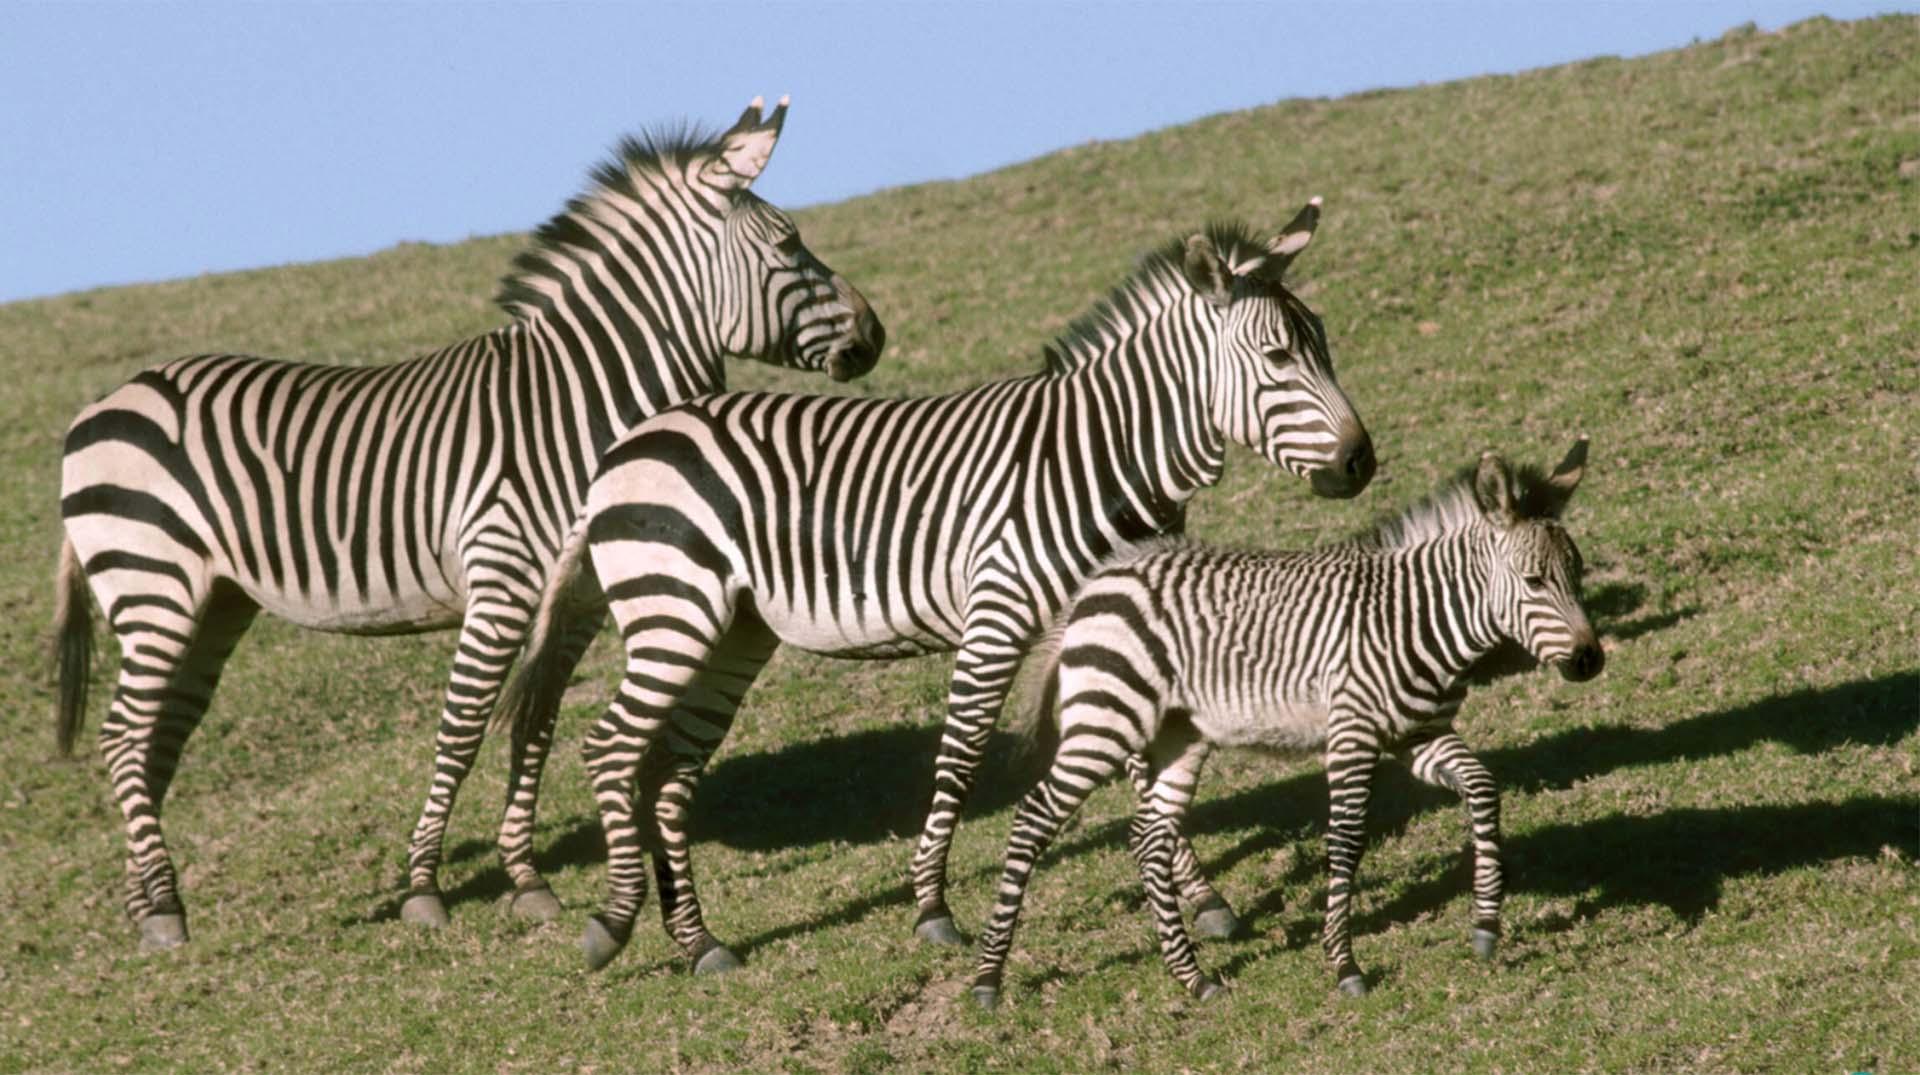 Zebra | San Diego Zoo Animals & Plants